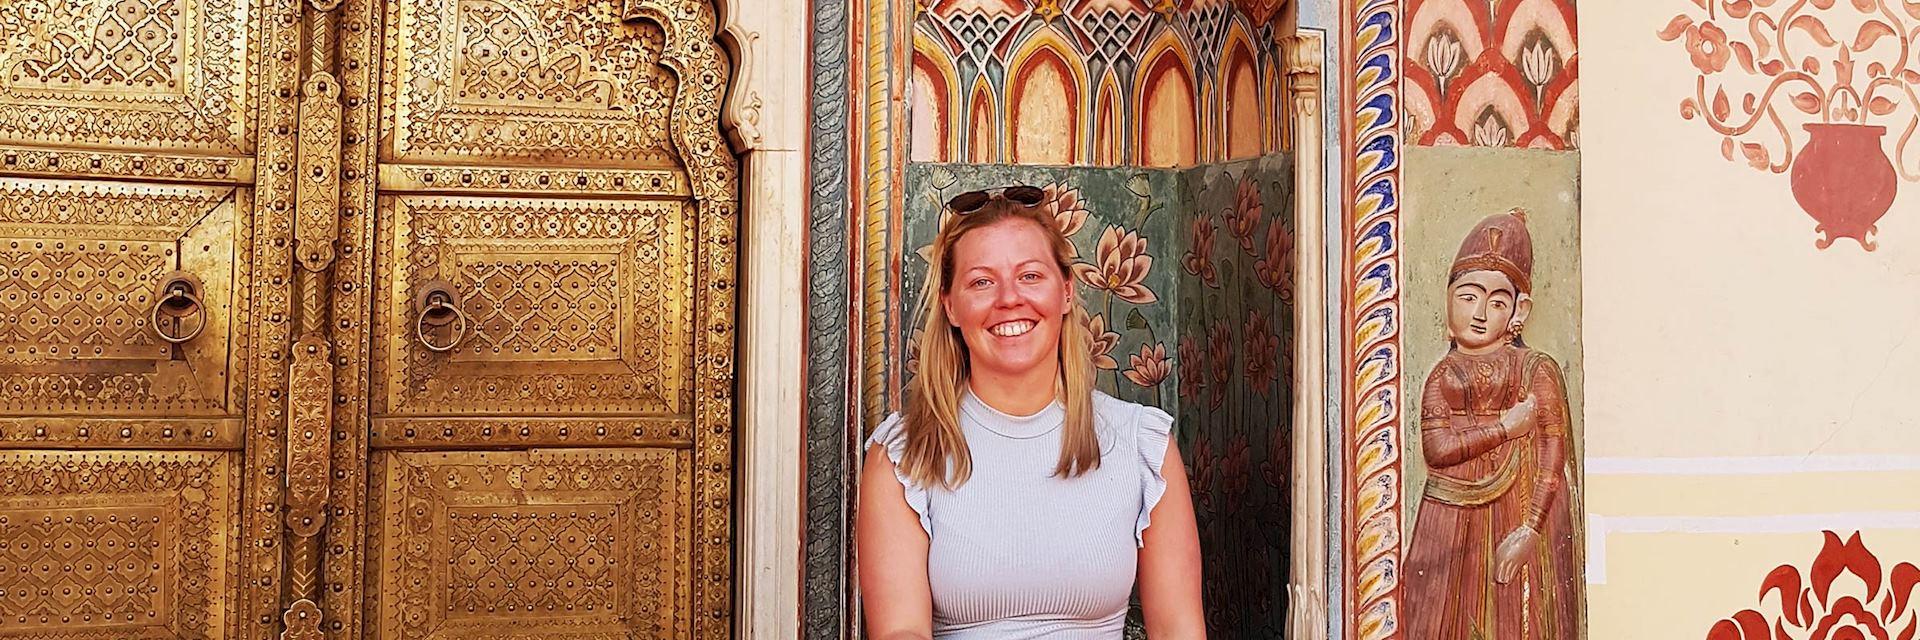 Lauren in Jaipur